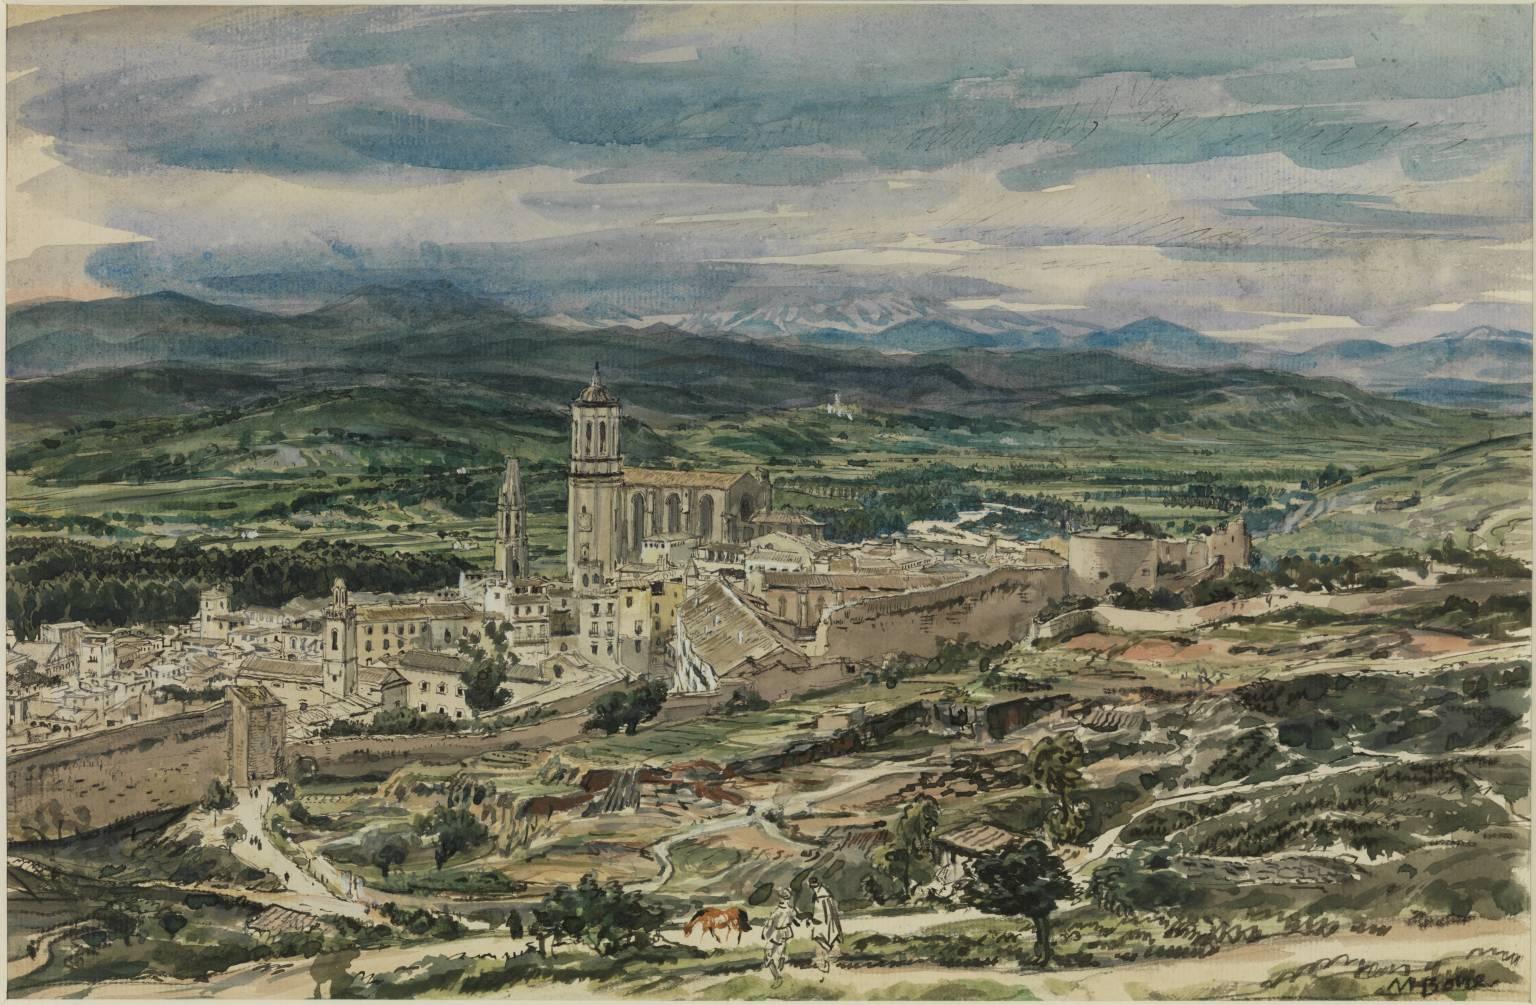 The Mountain Background, Gerona ?1926 Sir Muirhead Bone 1876-1953 Purchased 1930 http://www.tate.org.uk/art/work/N04558